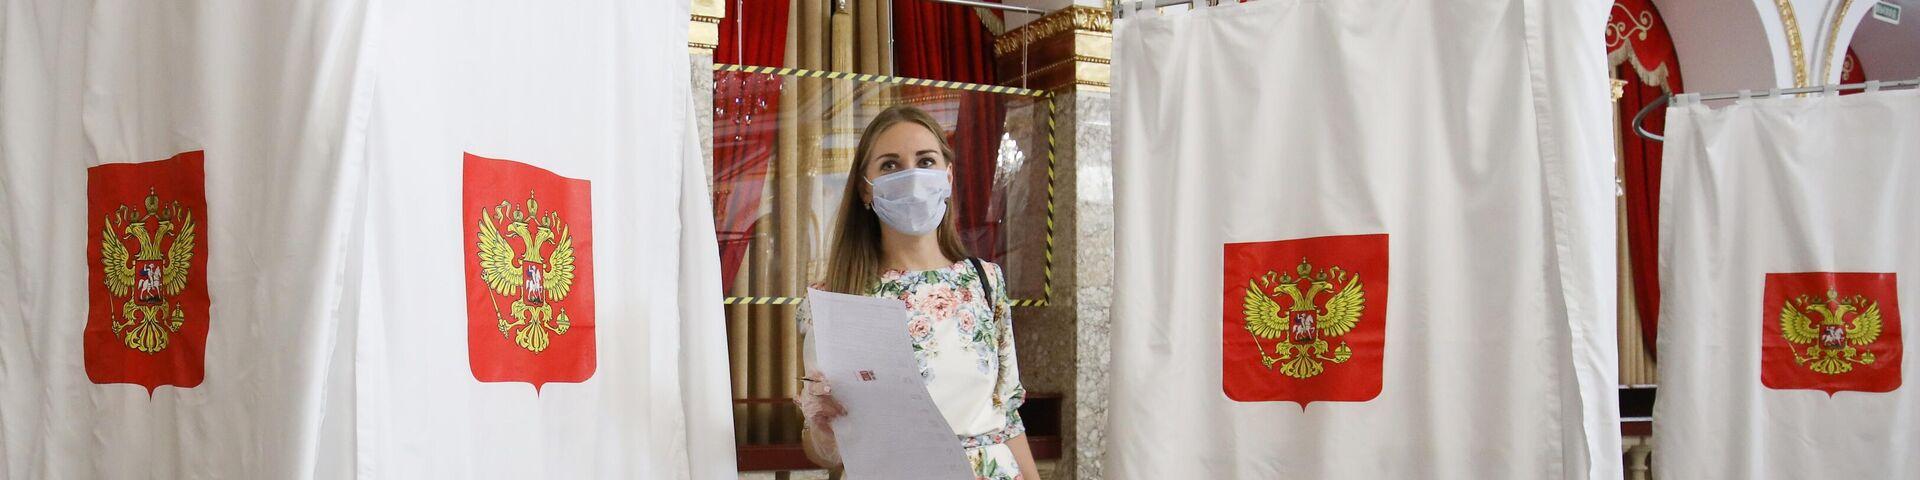 Девушка голосует на избирательном участке №20-10 в Краснодаре - РИА Новости, 1920, 10.09.2021